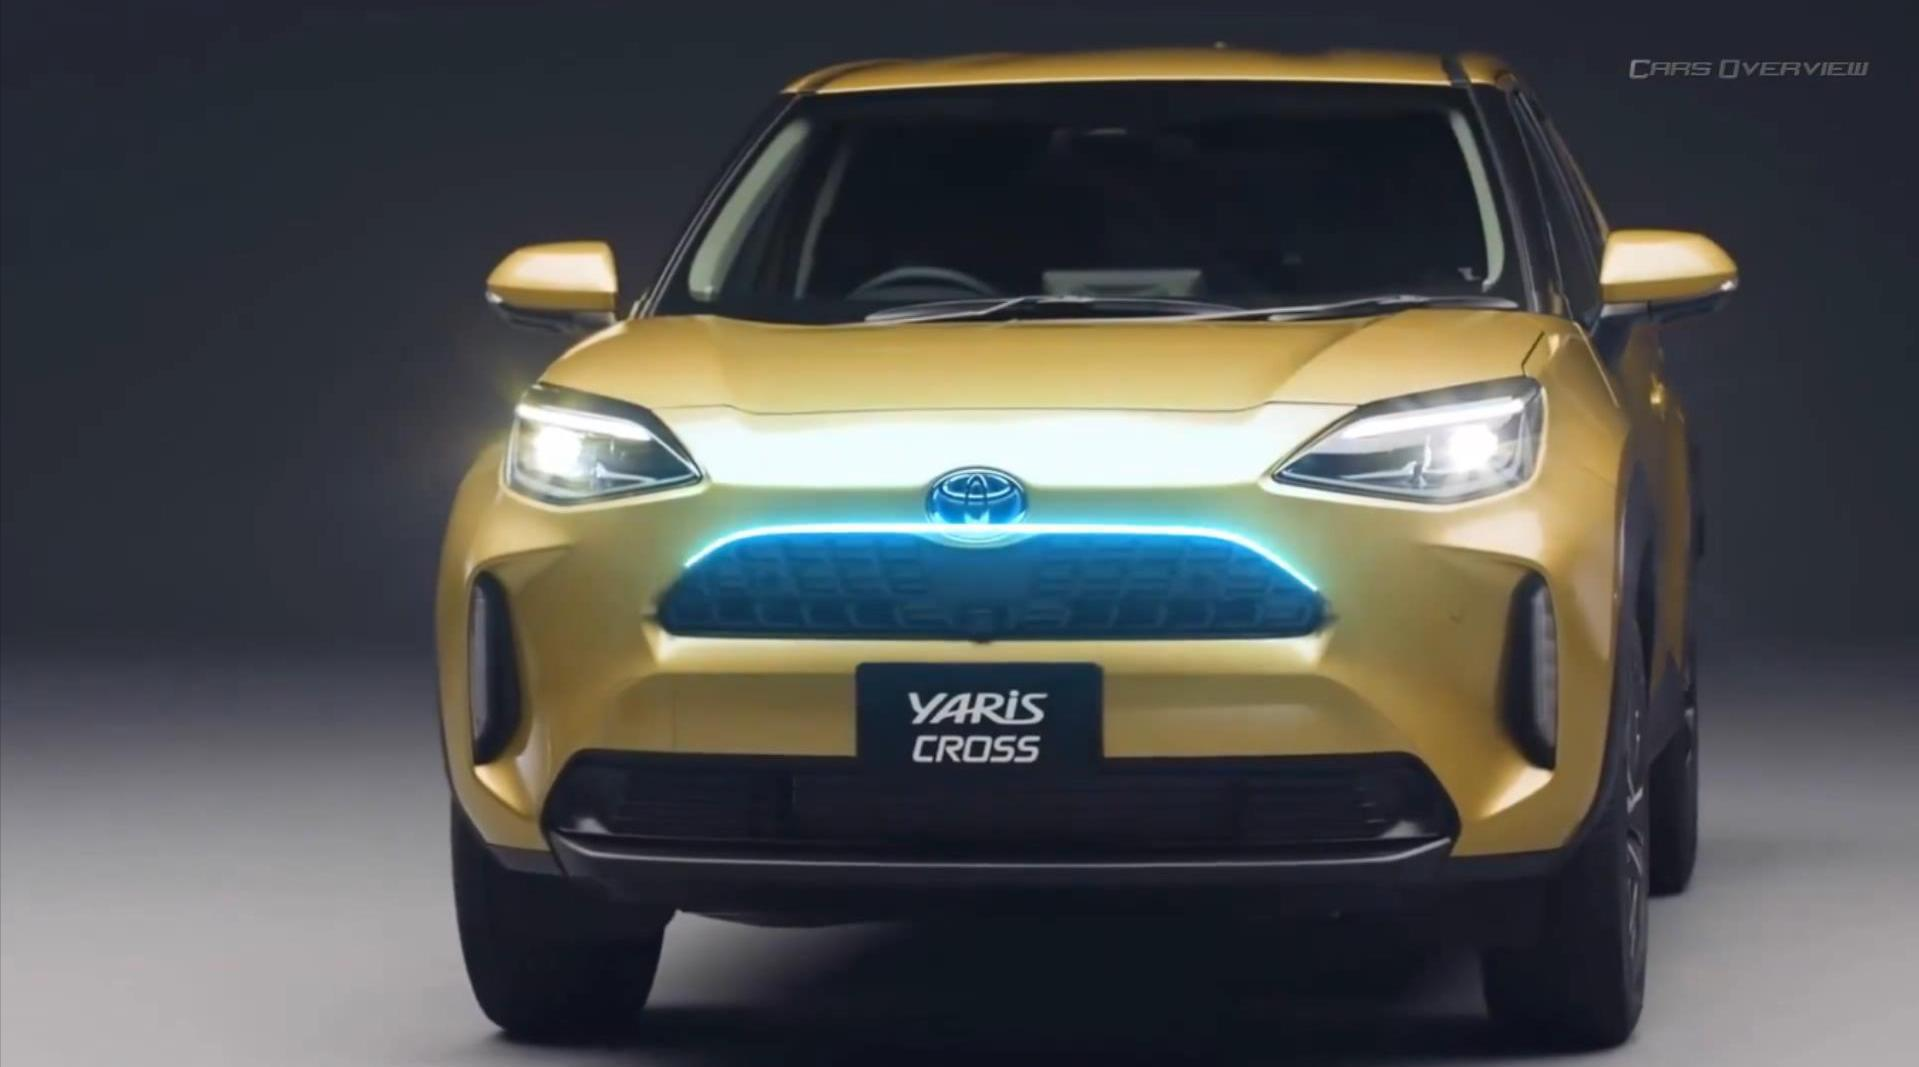 2021款丰田全新雅力士Yaris Cross亮相!同级别仅有的混动四驱SUV